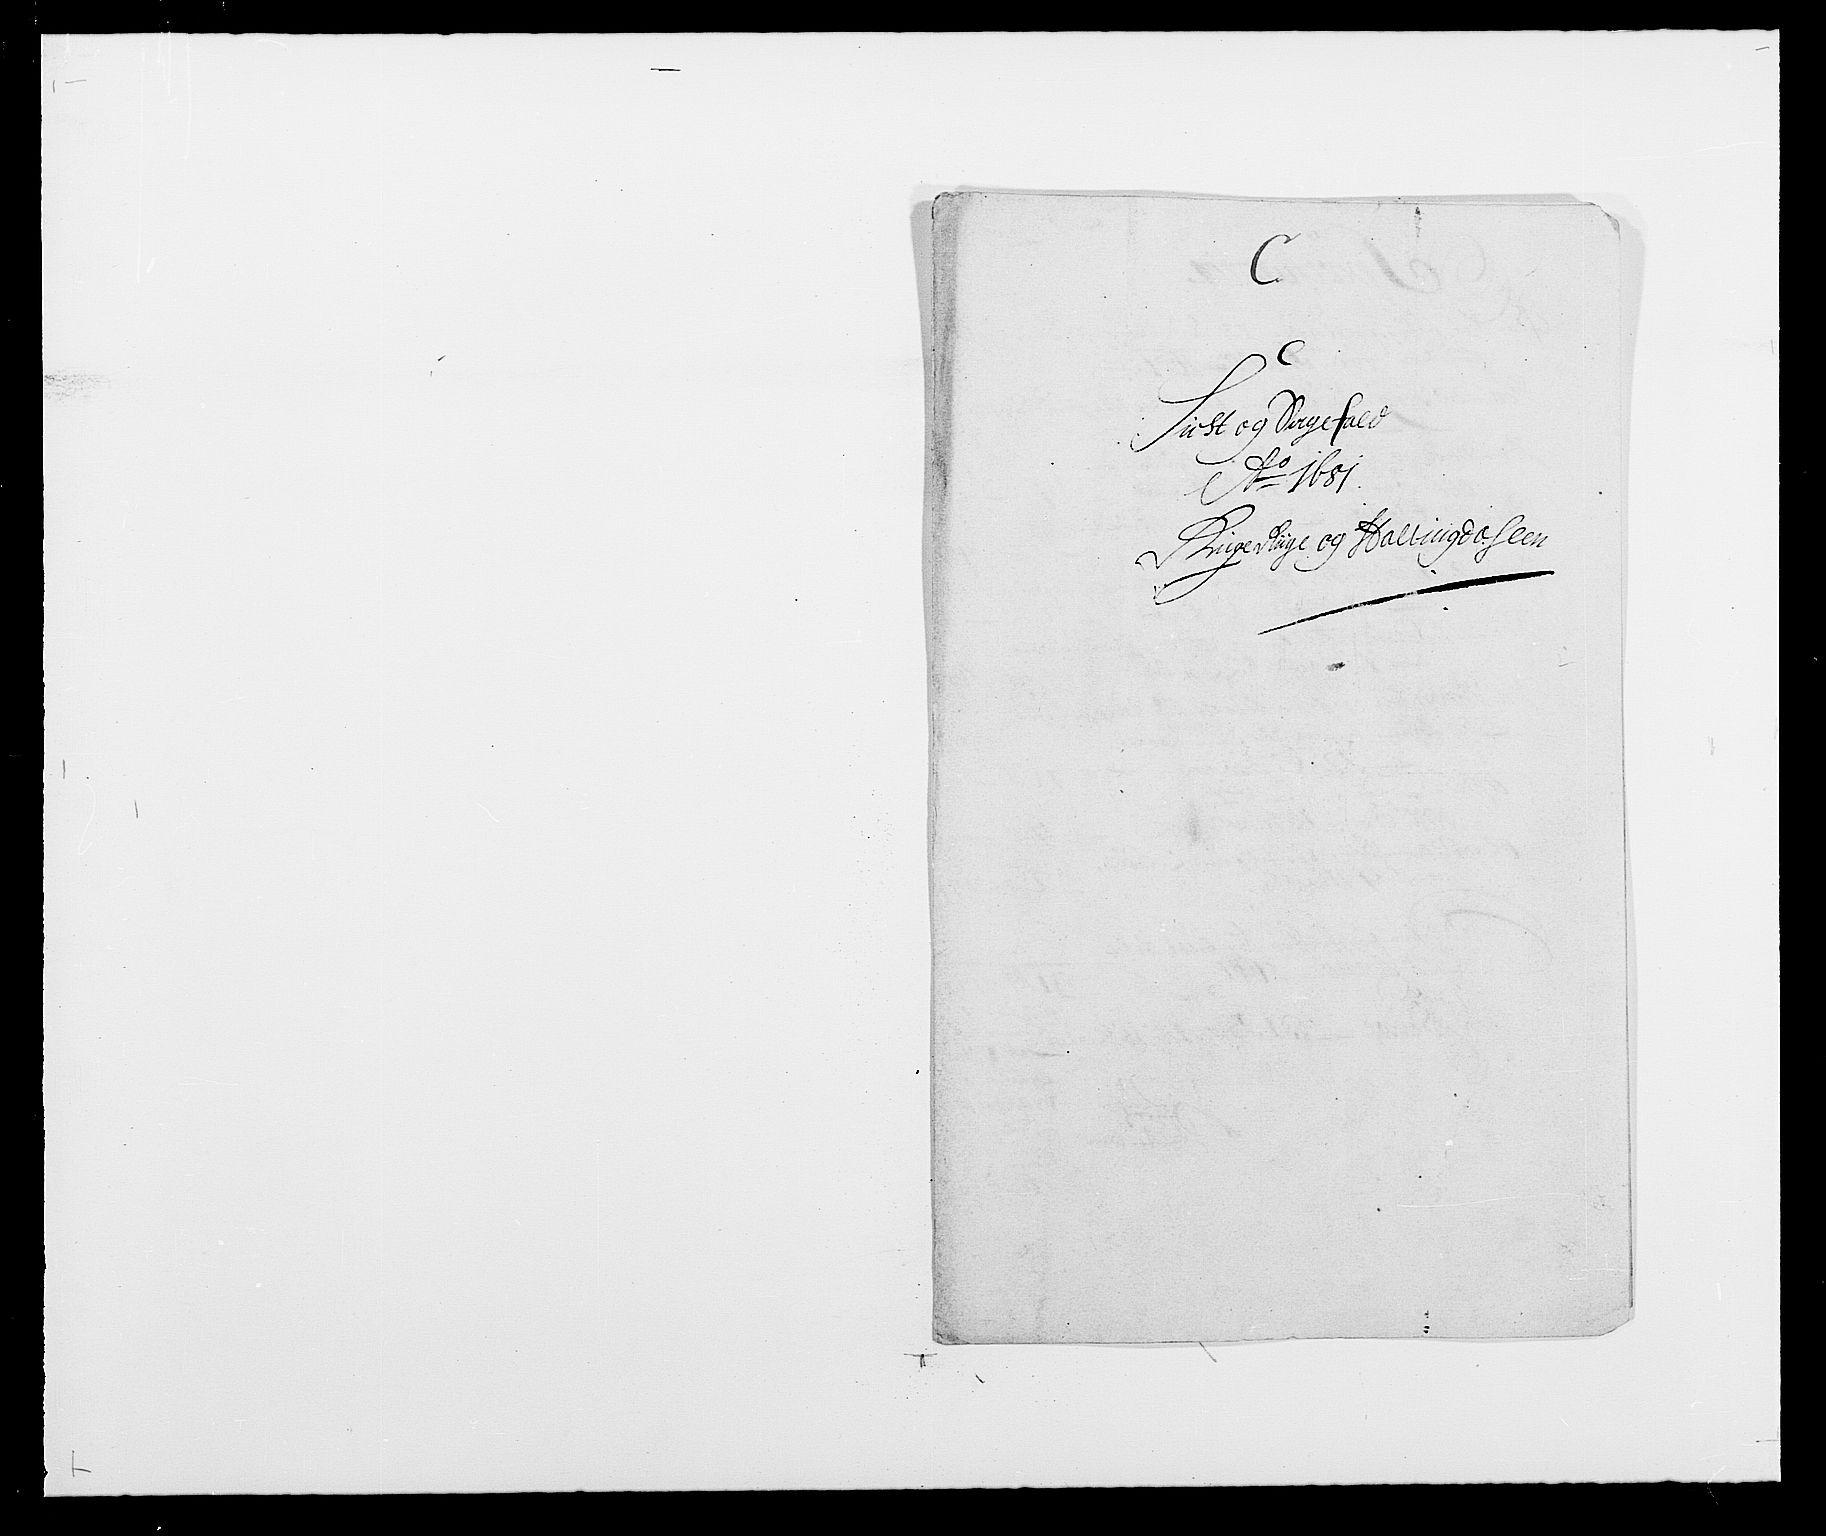 RA, Rentekammeret inntil 1814, Reviderte regnskaper, Fogderegnskap, R21/L1445: Fogderegnskap Ringerike og Hallingdal, 1681-1689, s. 82